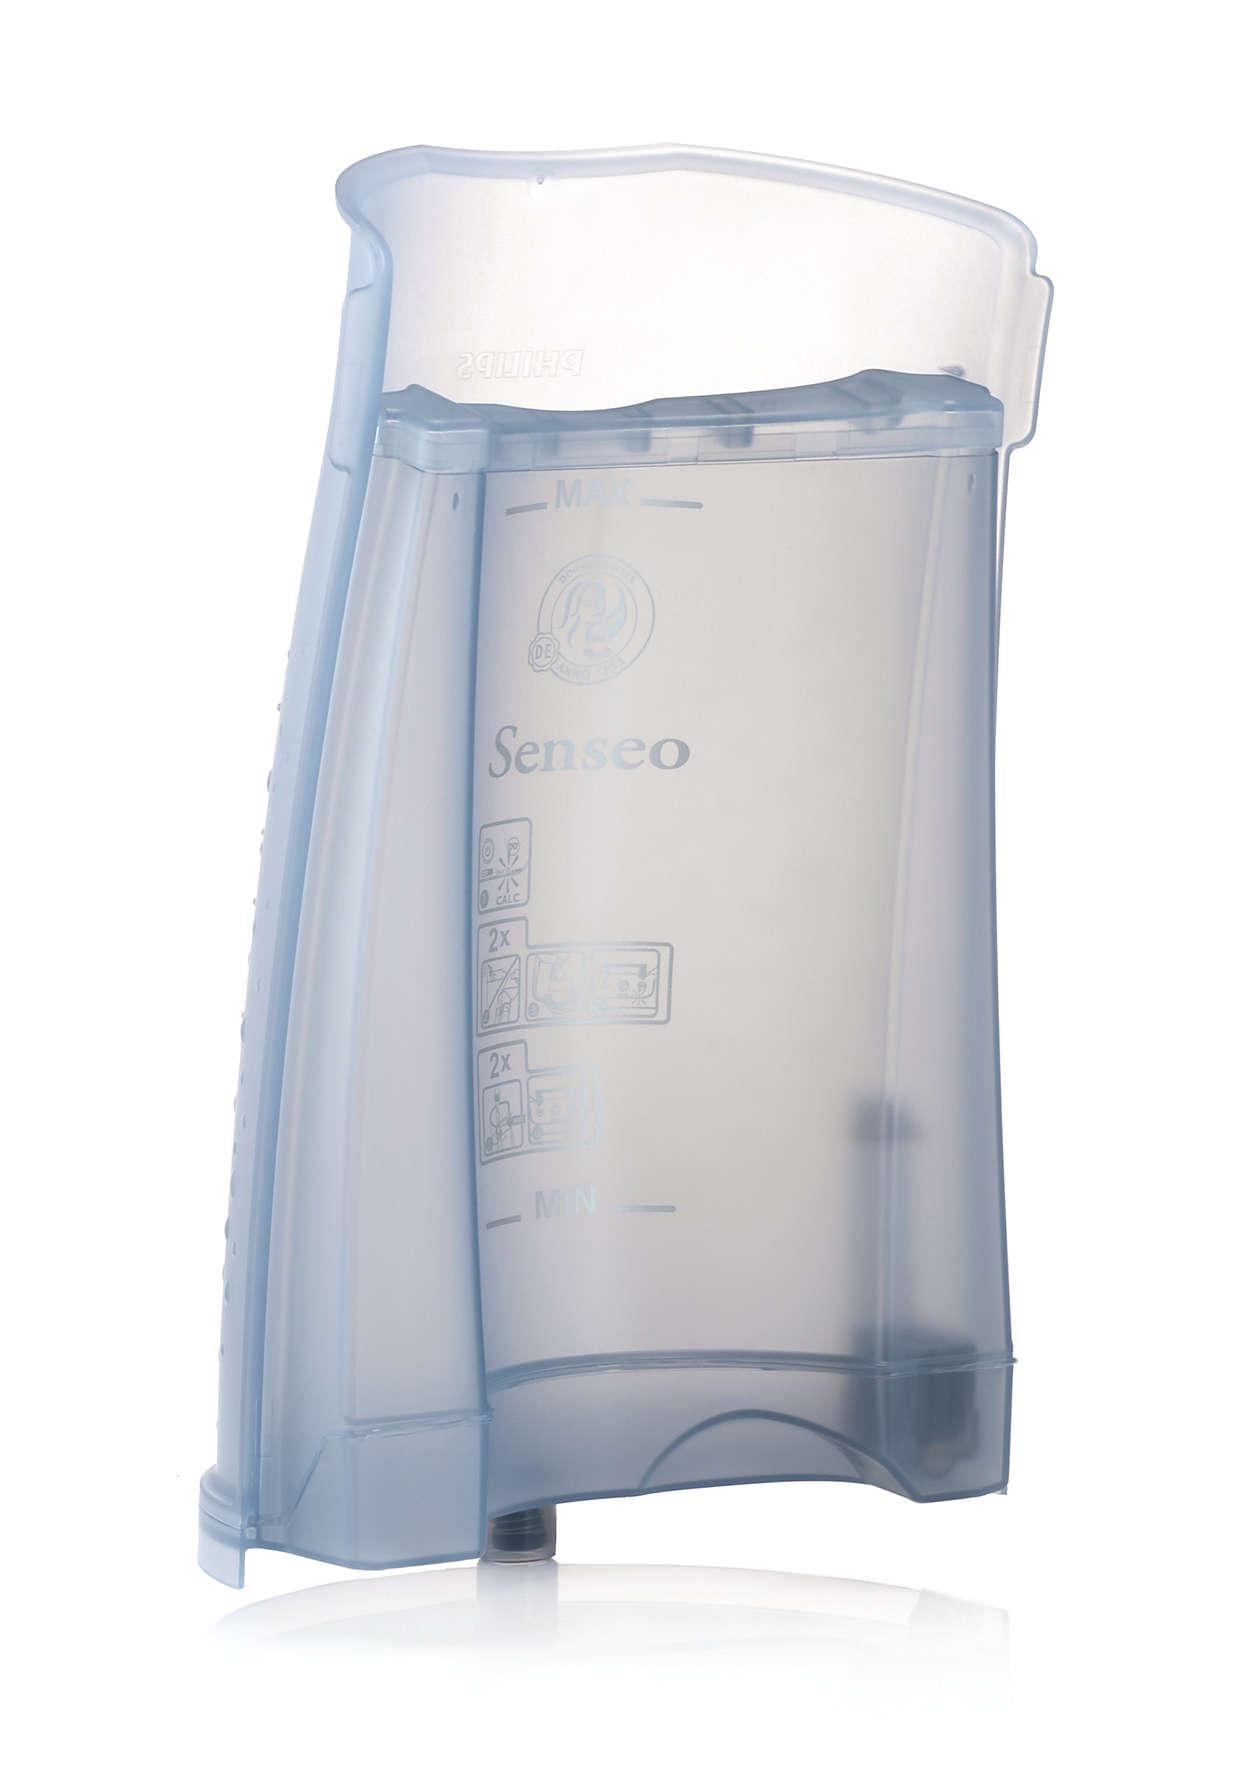 Per conservare l'acqua nella tua SENSEO@